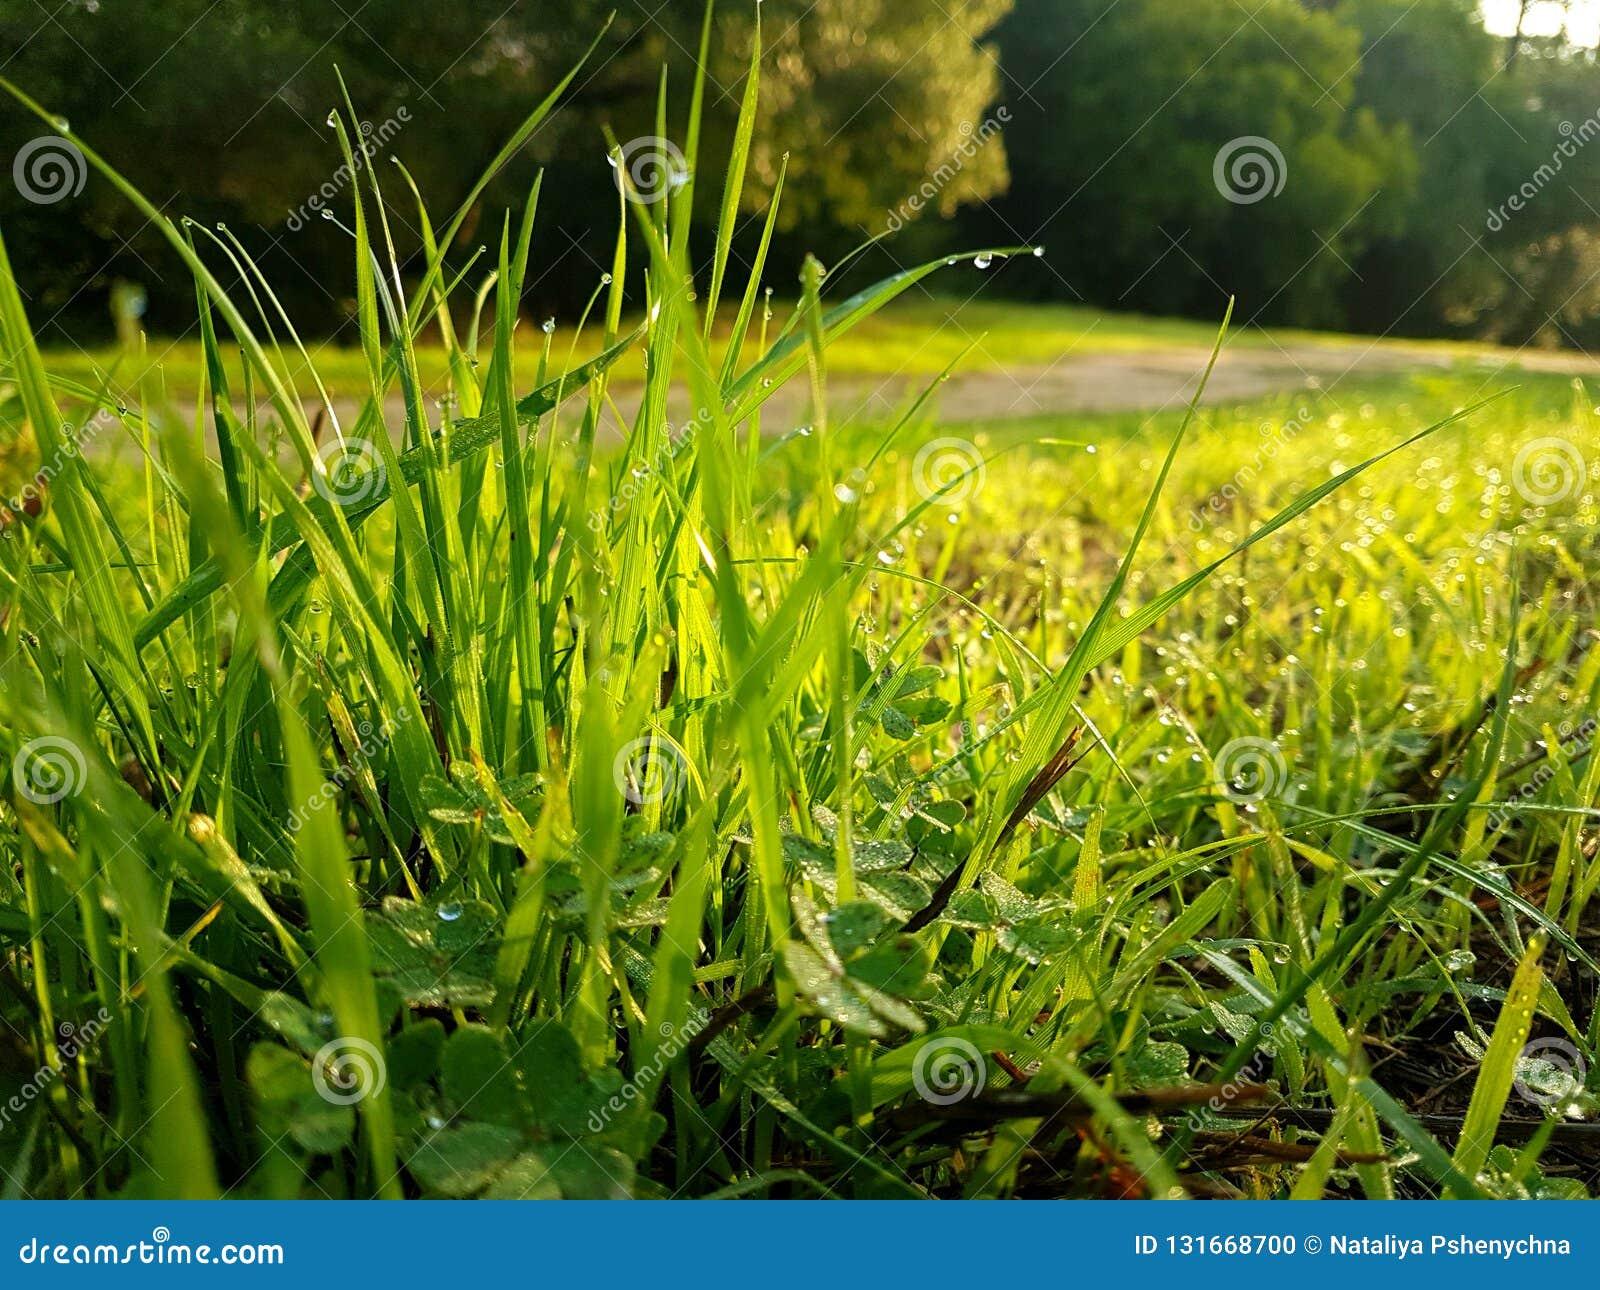 Zielona trawa z wodnymi kroplami